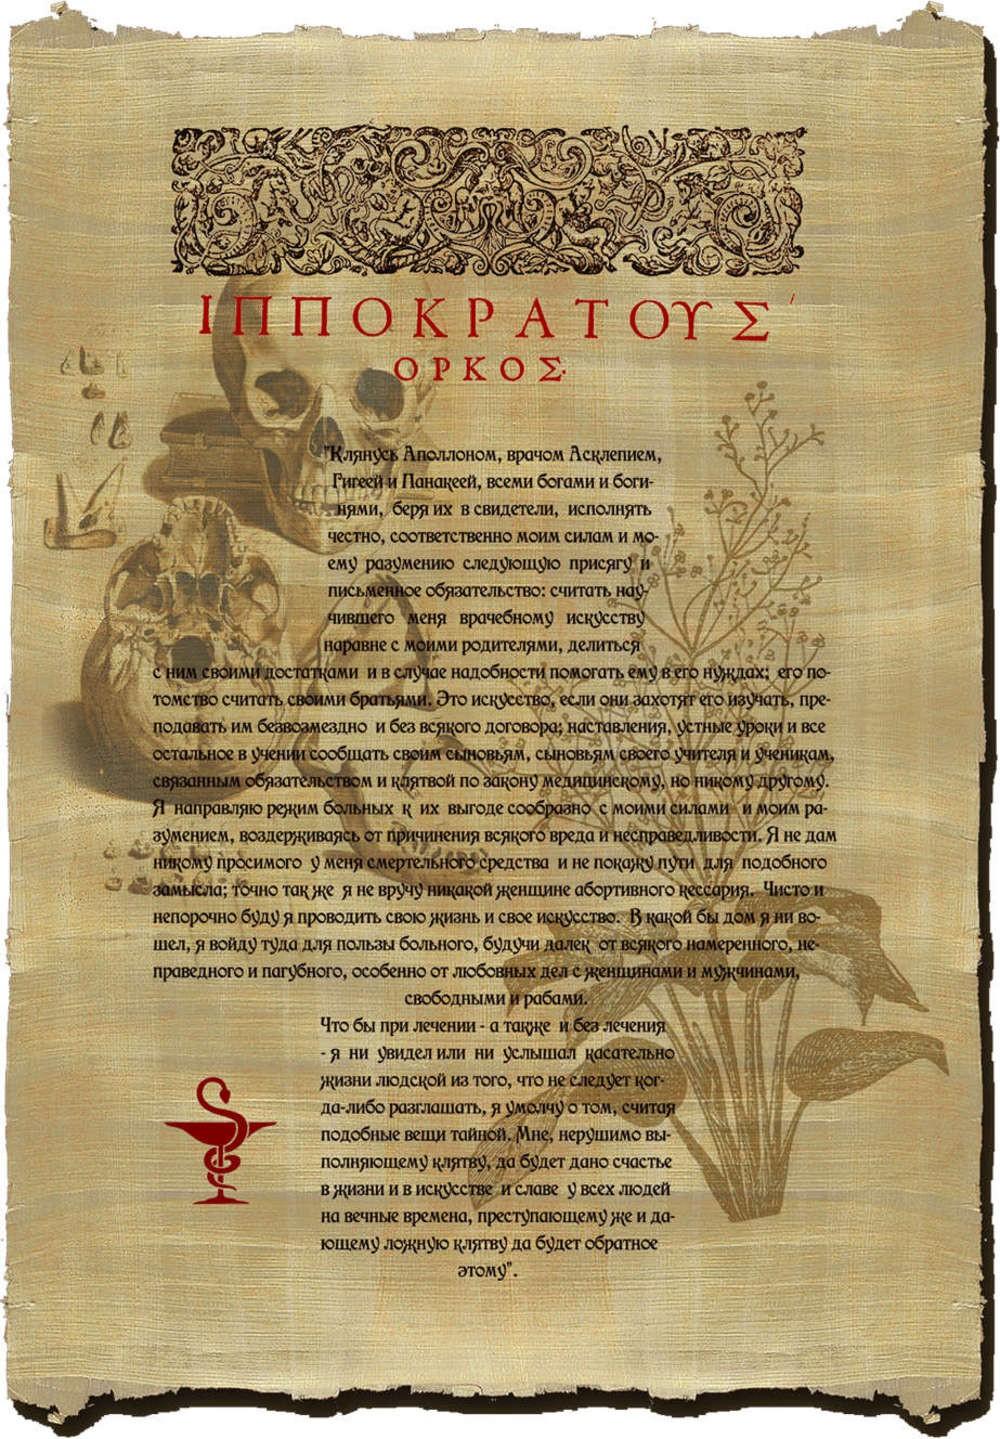 Поздравление на свитке папируса Клятва Гипократа